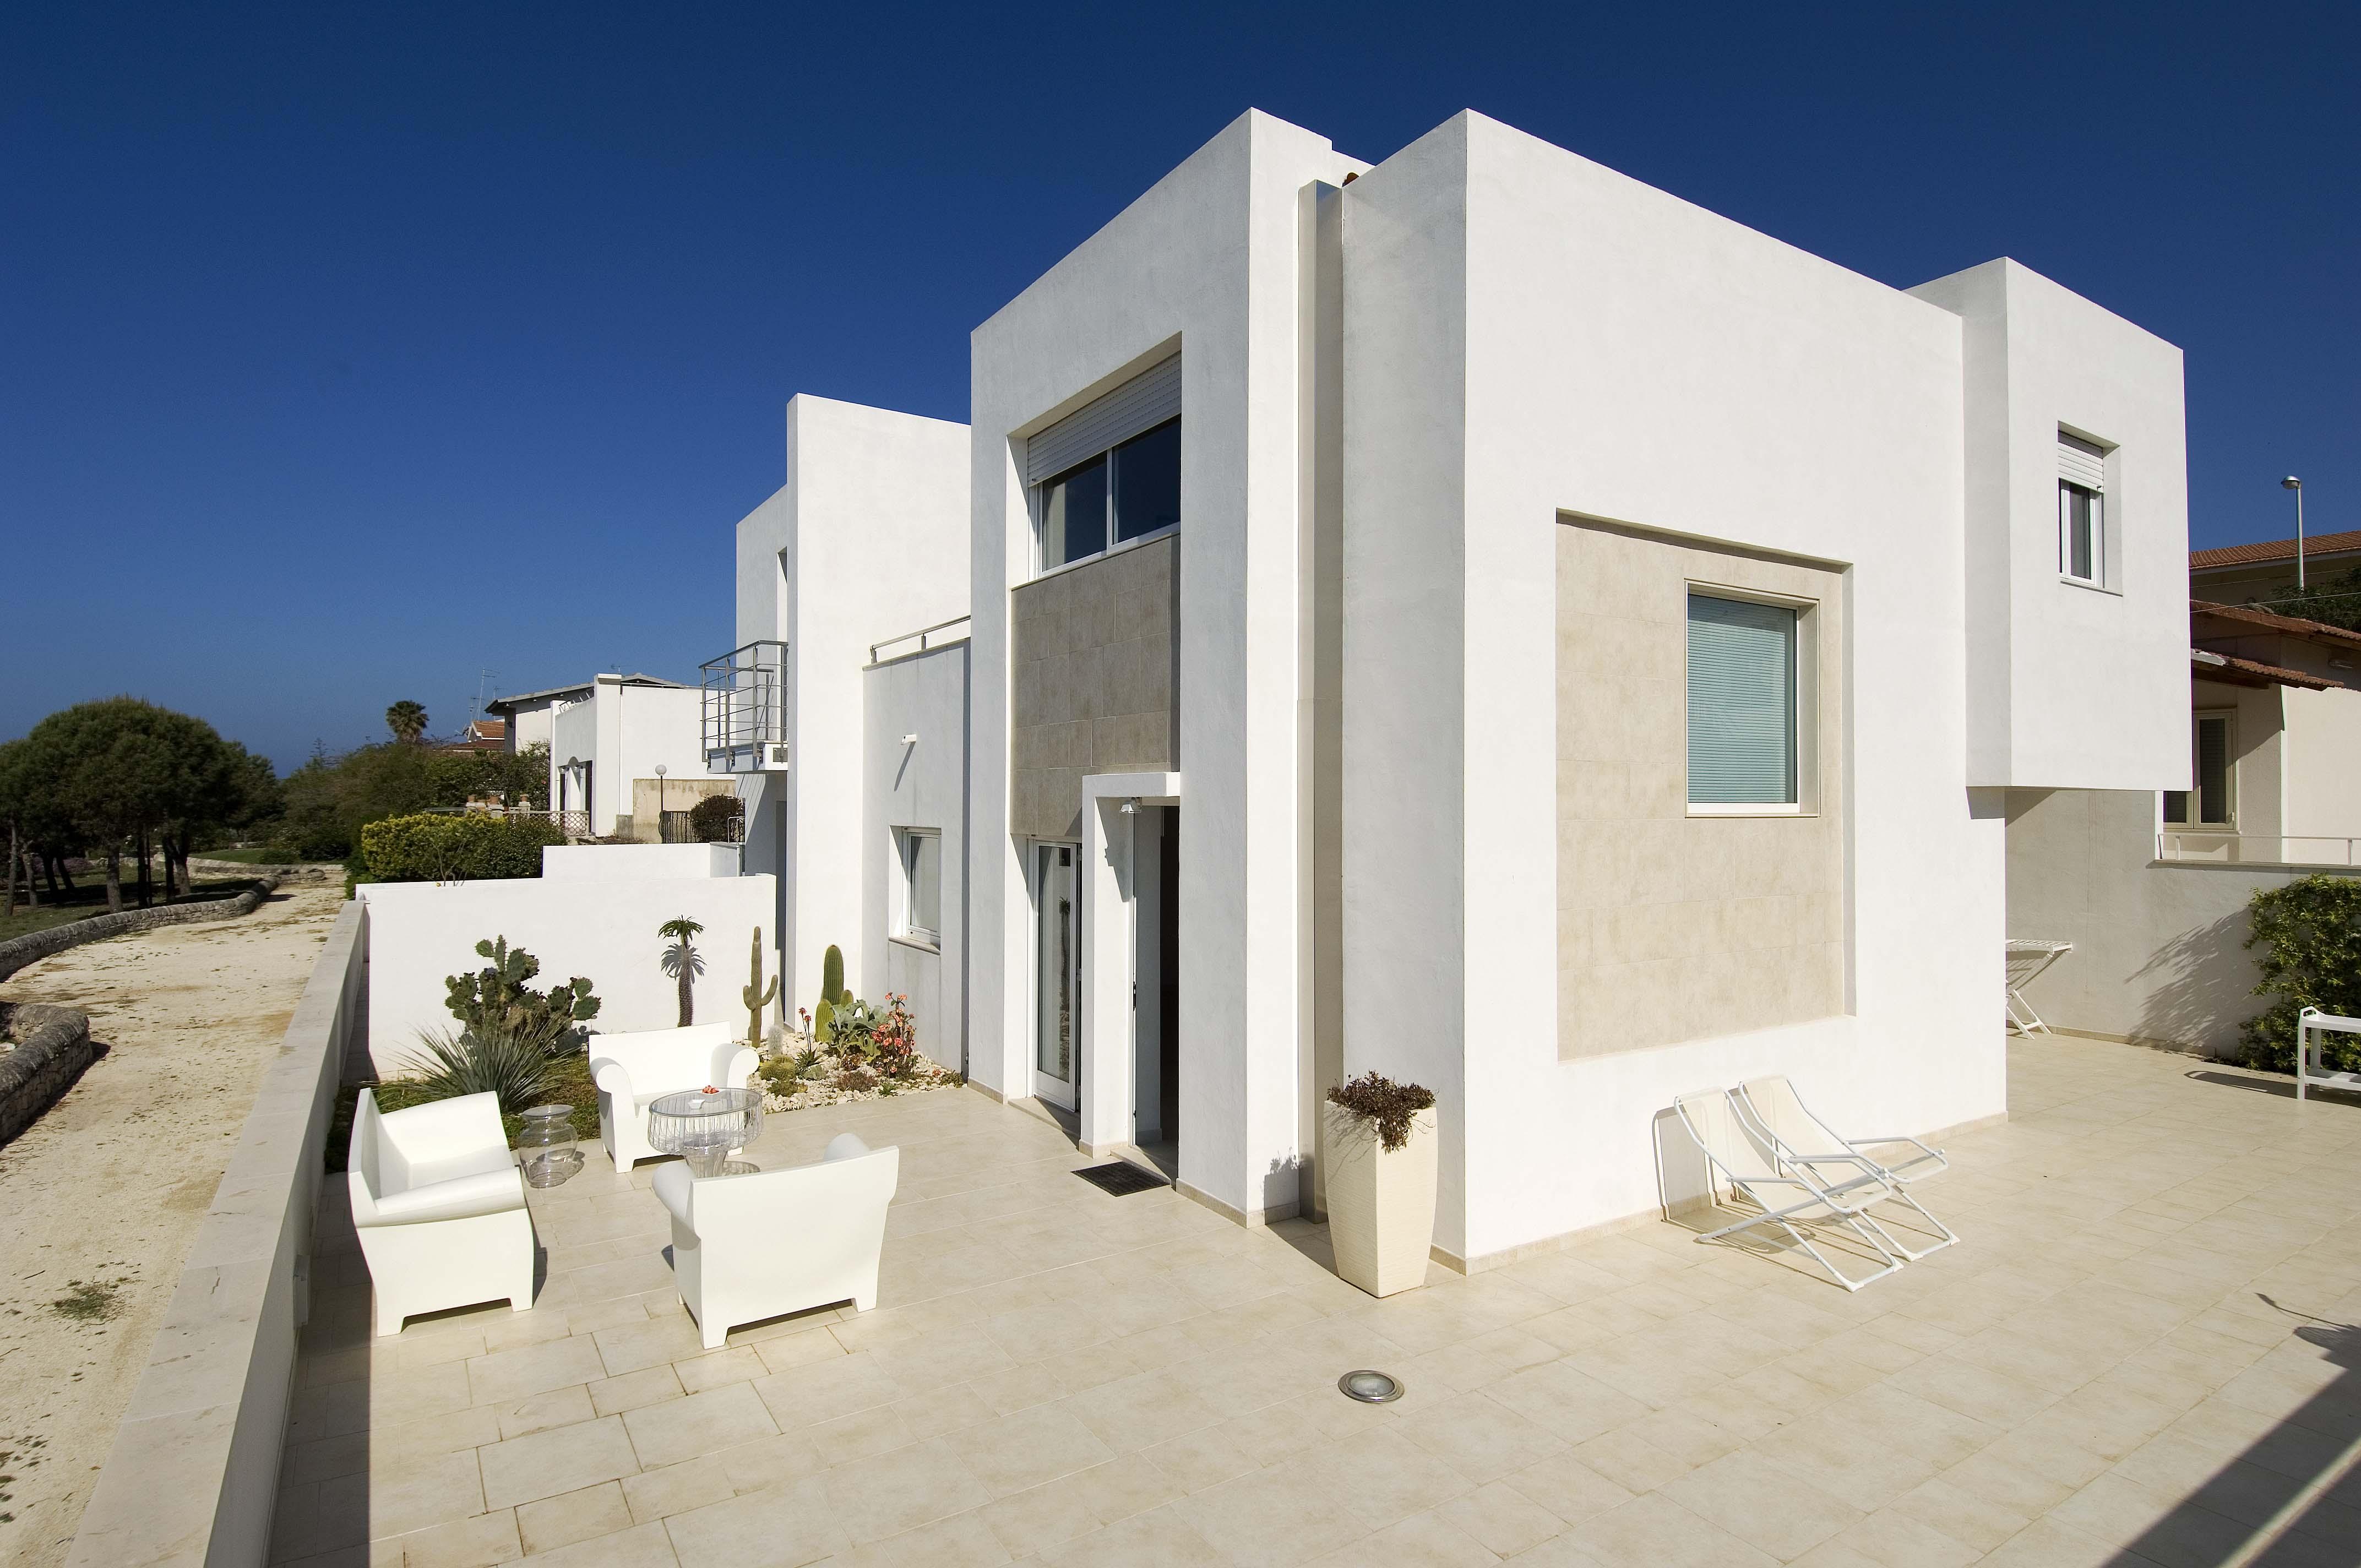 Sea apartments marina di modica sicilia italia solaris for Architecture villa